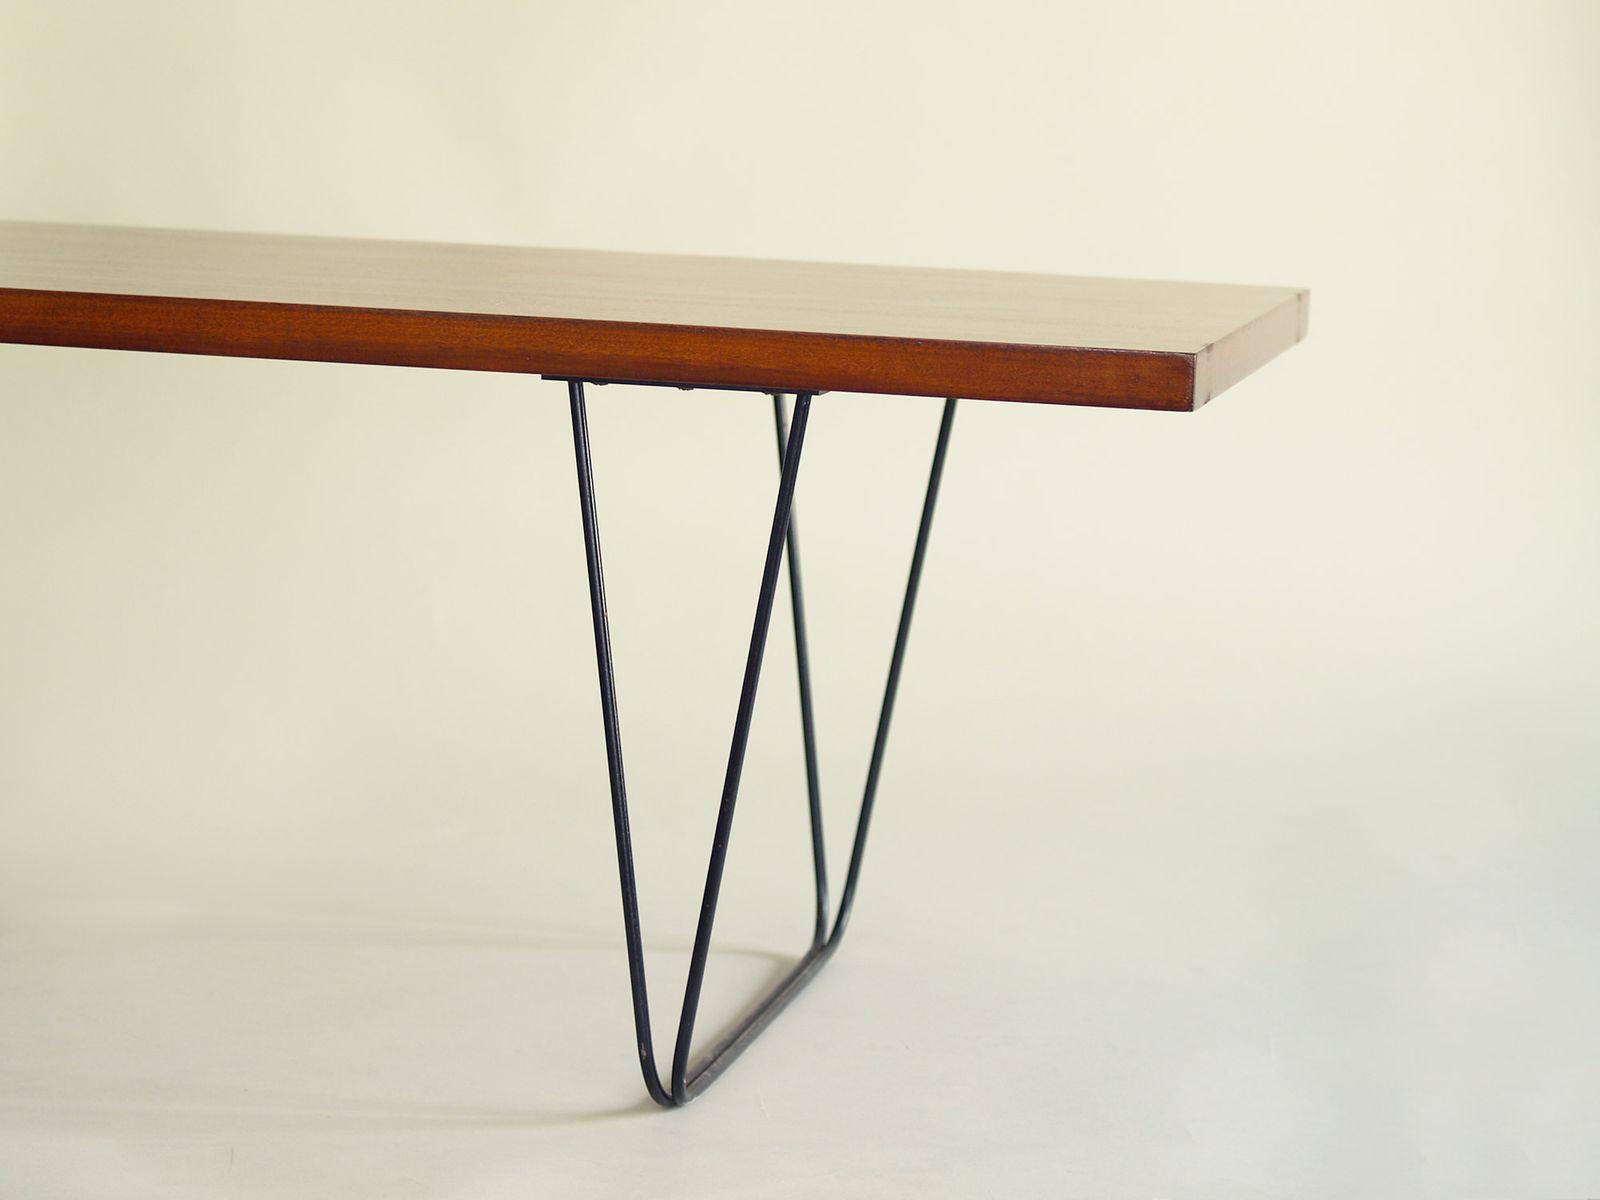 table basse cm 191 par pierre paulin pour thonet 1950s en vente sur pamono. Black Bedroom Furniture Sets. Home Design Ideas